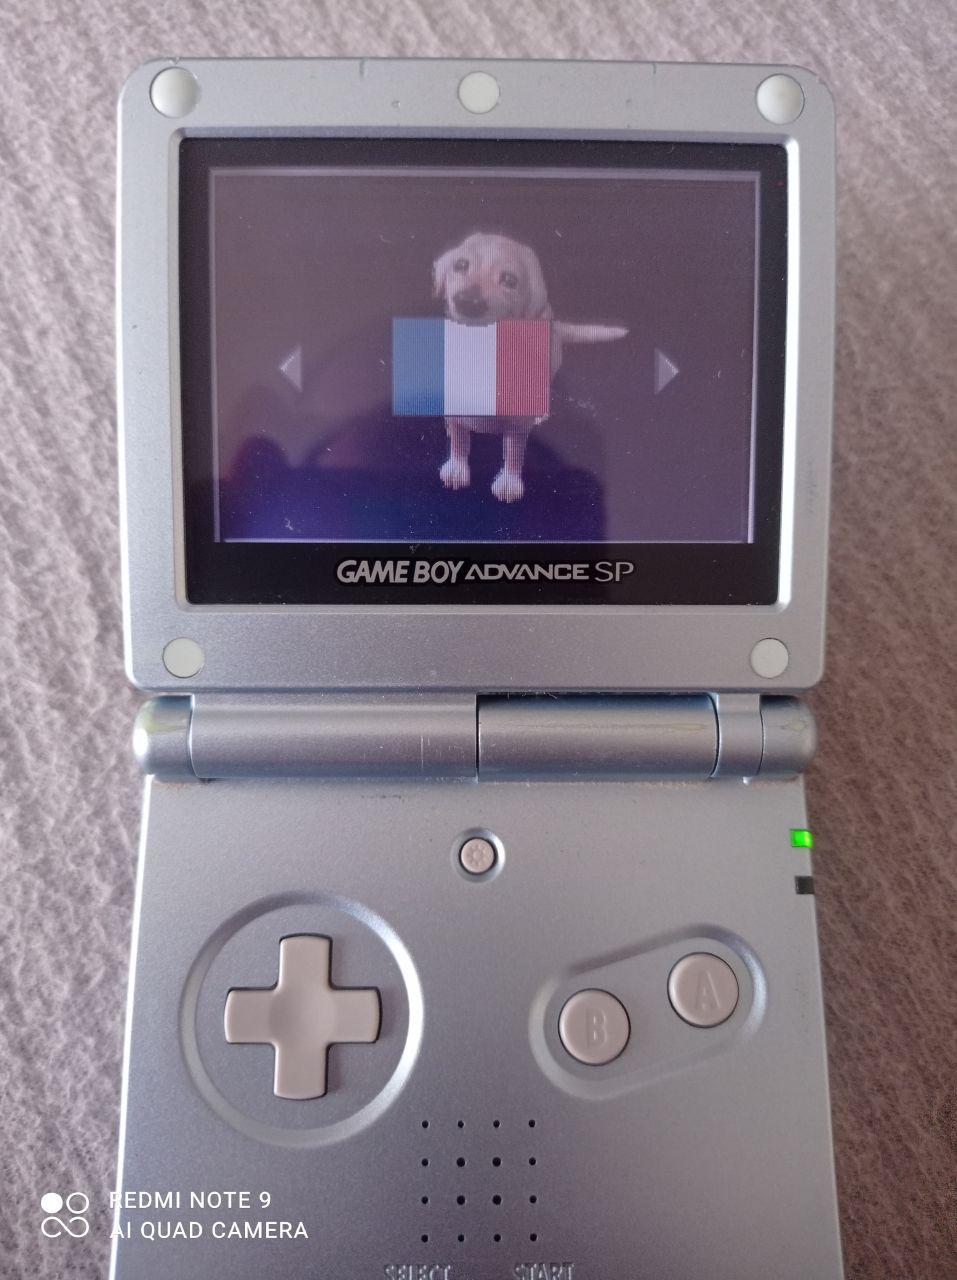 Image article Nintendo - Game Boy Advance - Léa passin vétérinaire